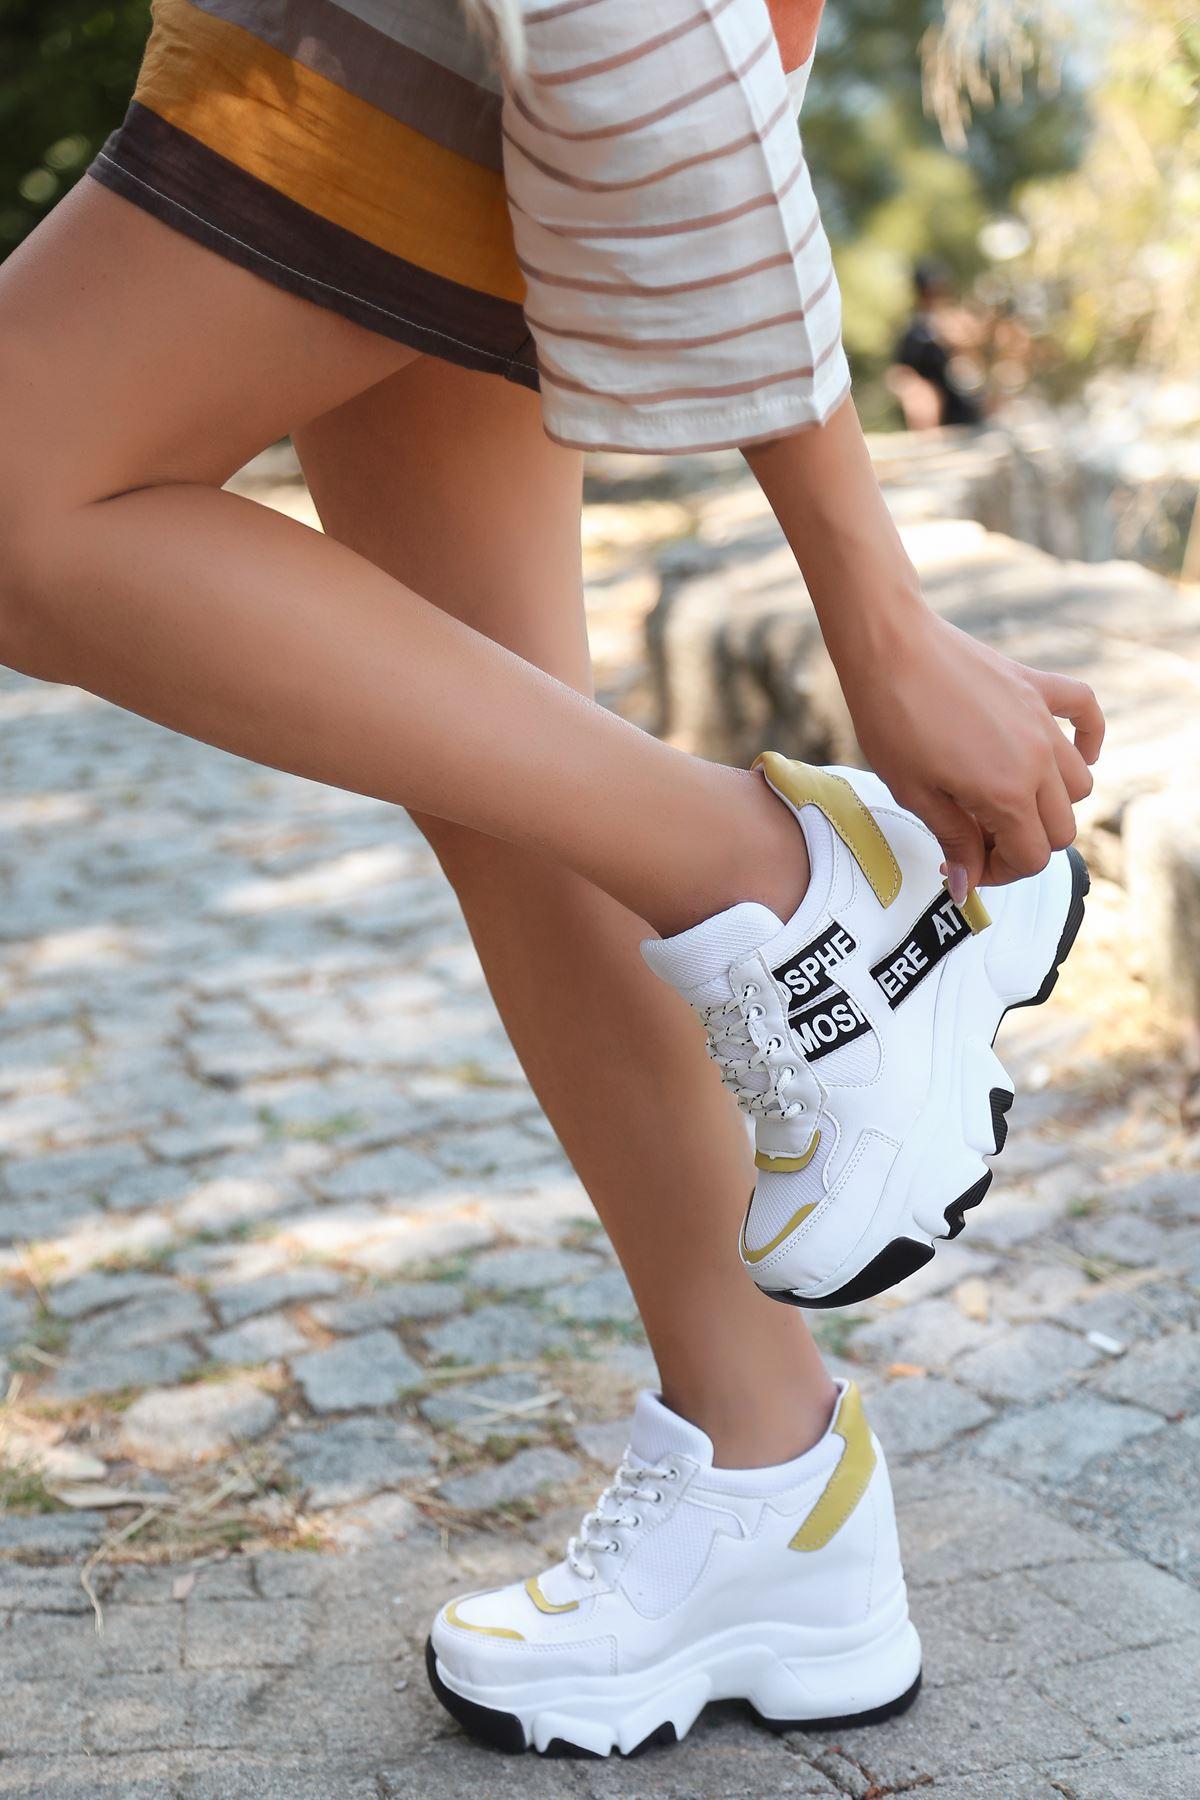 Pher Bağcık Detaylı Yüksek Taban Sarı Parçalı Beyaz Kadın Spor Ayakkabı ST